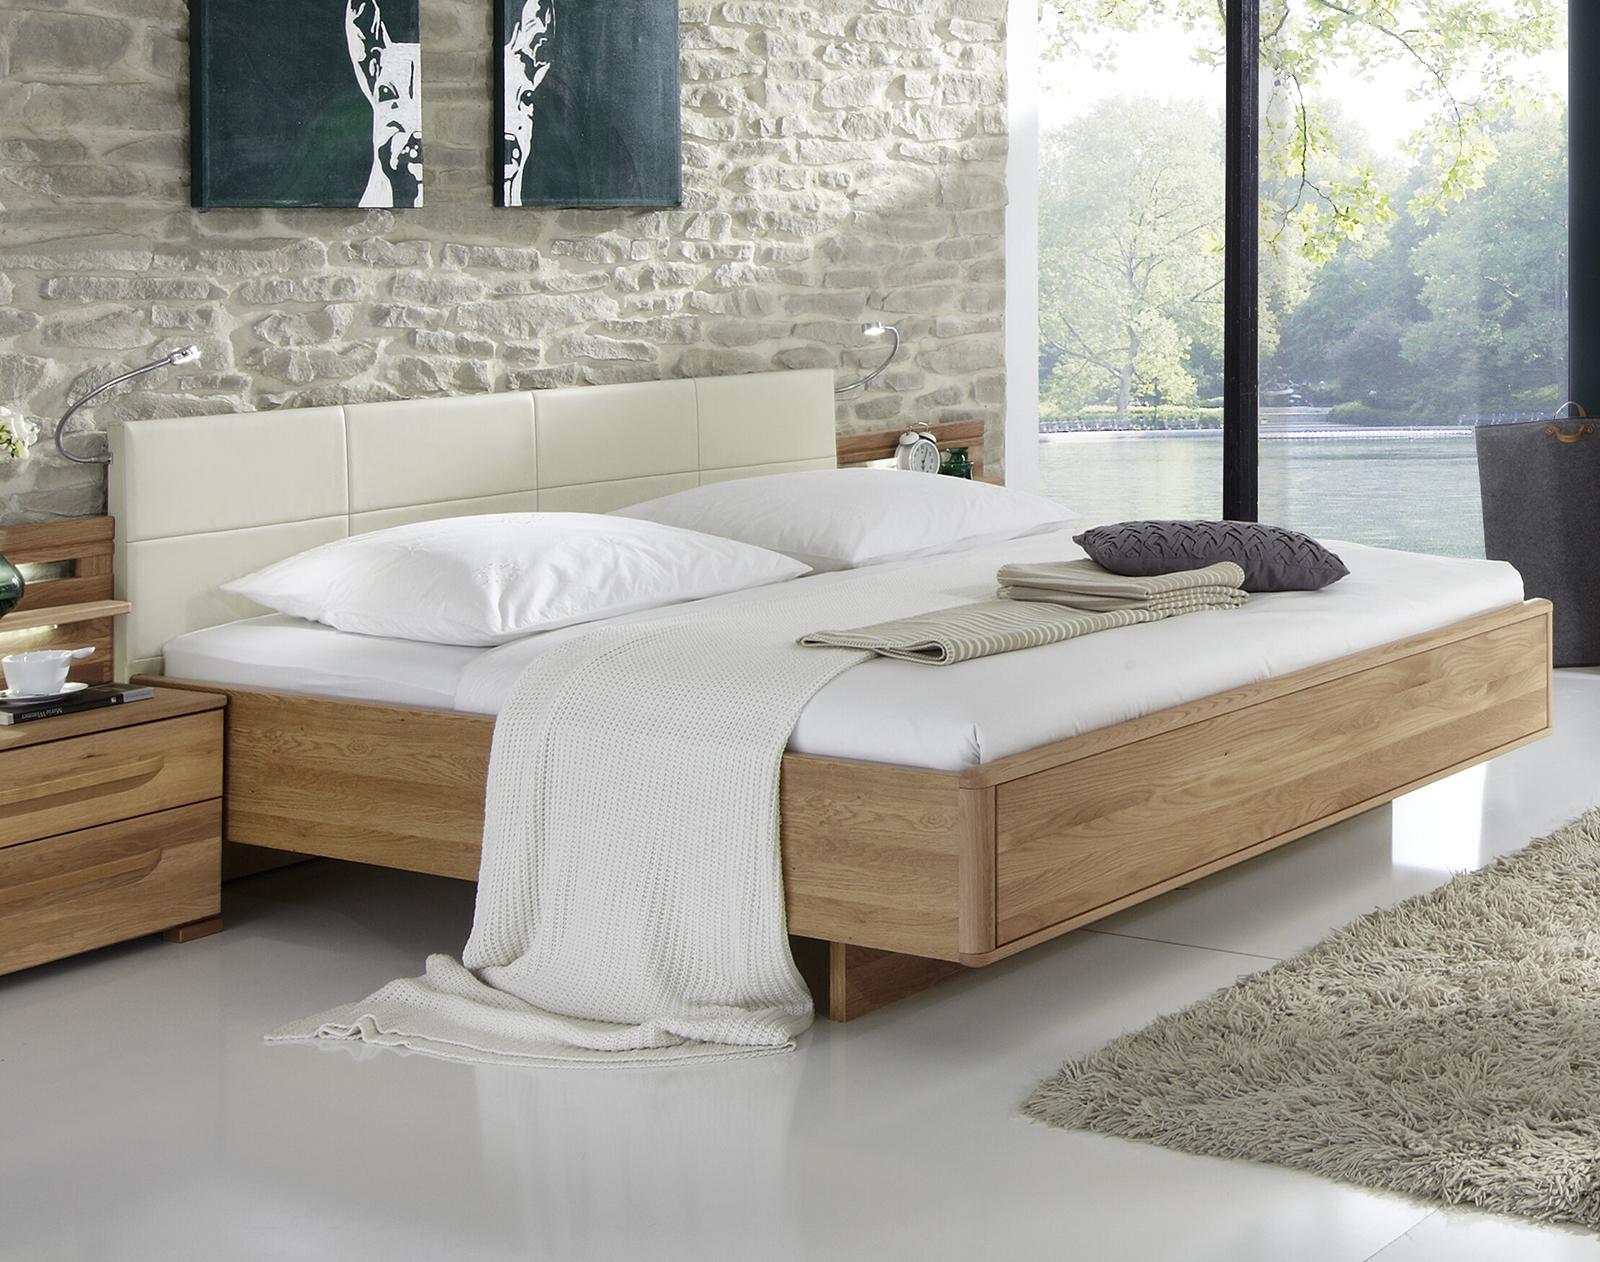 Design doppelbett aus eiche mit kunstleder kopfteil morley - Das richtige bett schlafzimmer ...